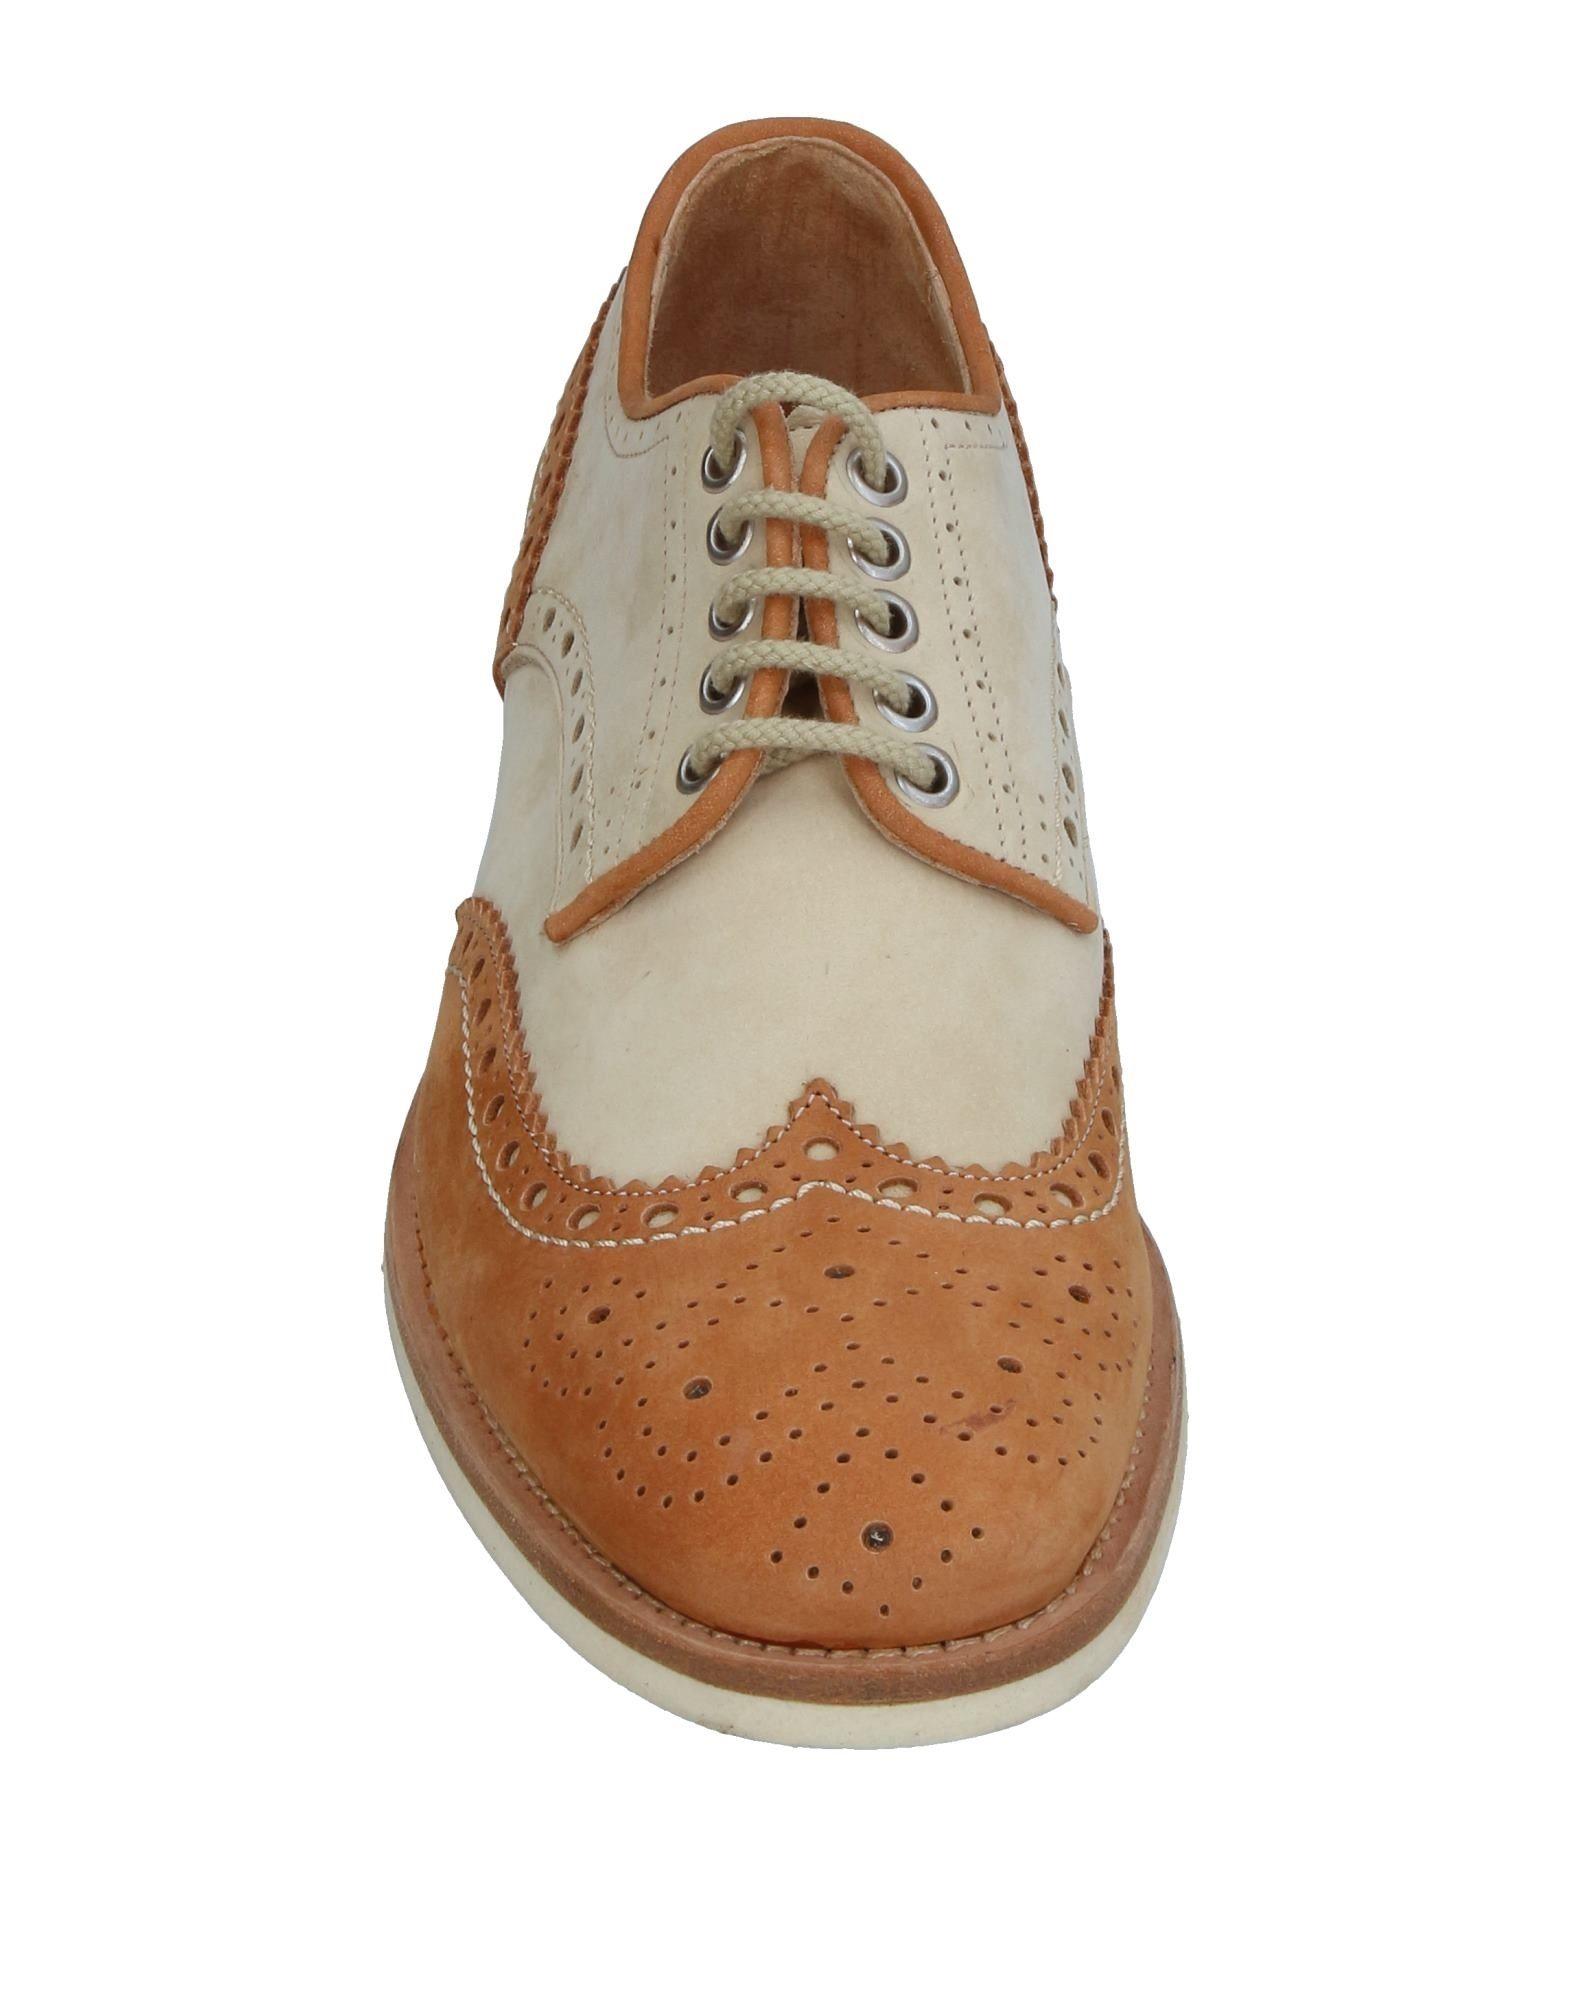 Chaussures - Tribunaux Calpierre RgShbBkHt